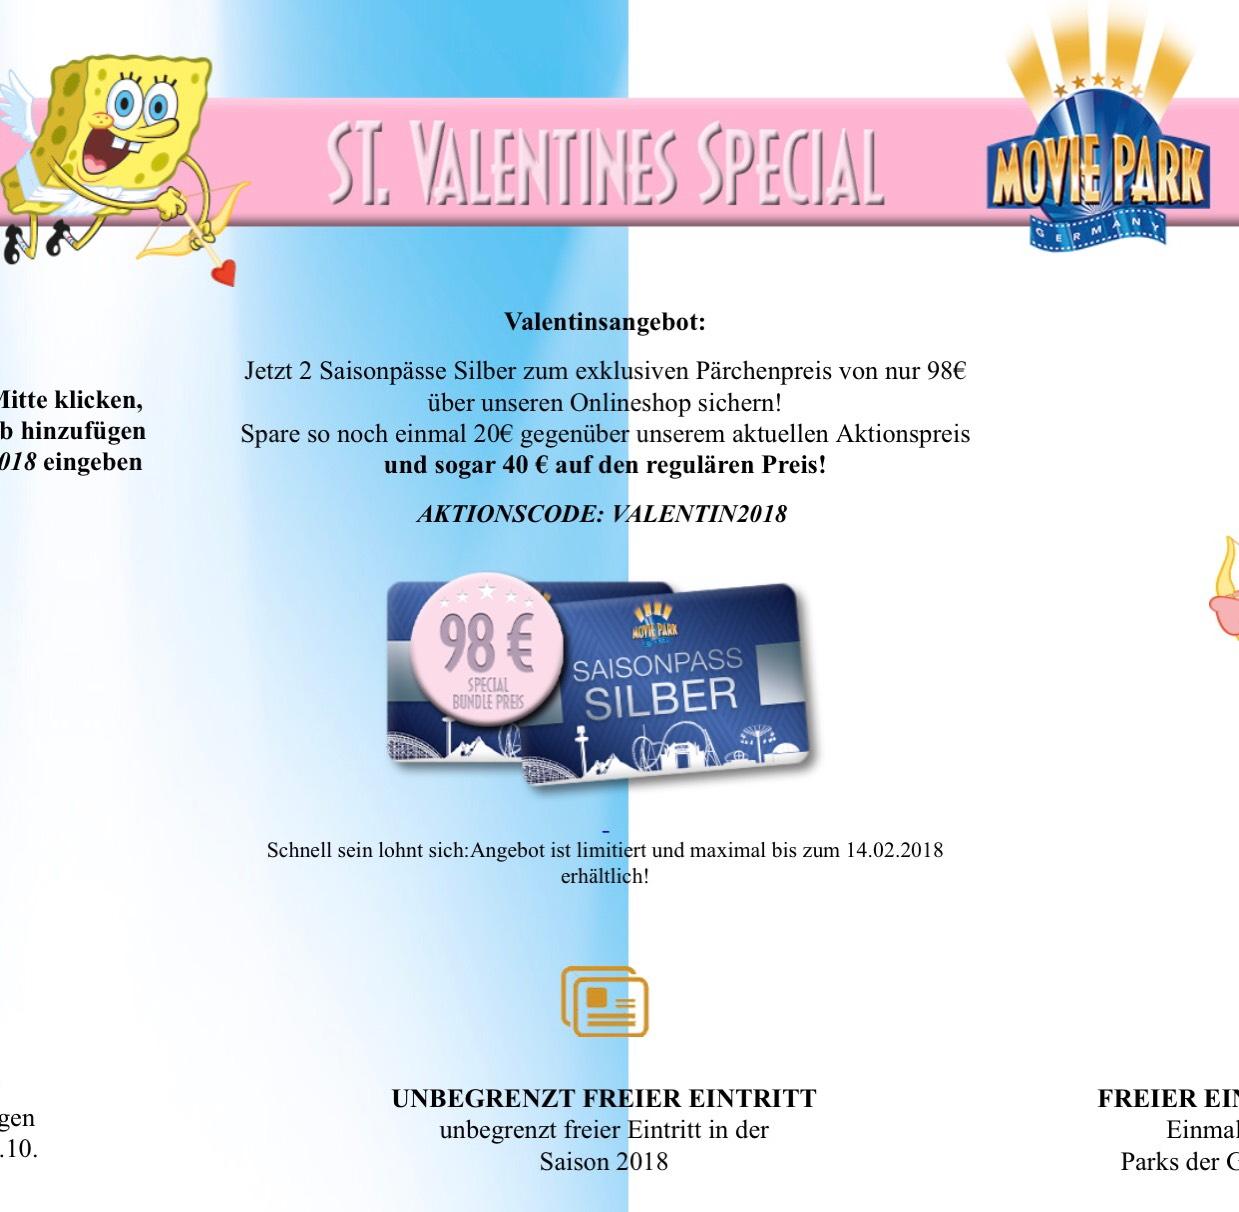 2x Movie Park Saisonpass Silber für 98€ - Valentins-Special